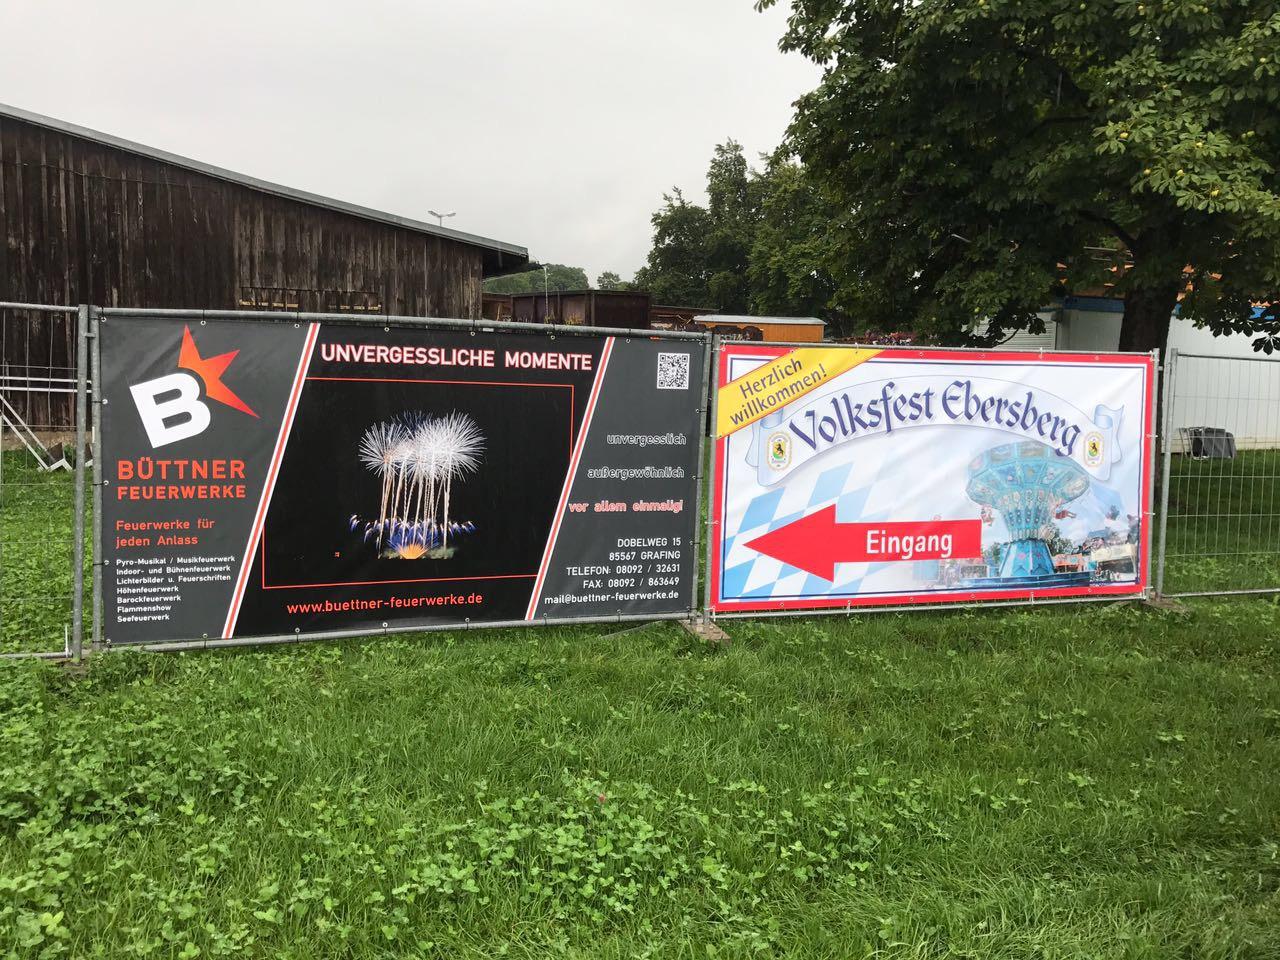 PVC-Werbebanner für das Volksfest Ebersberg erstellt